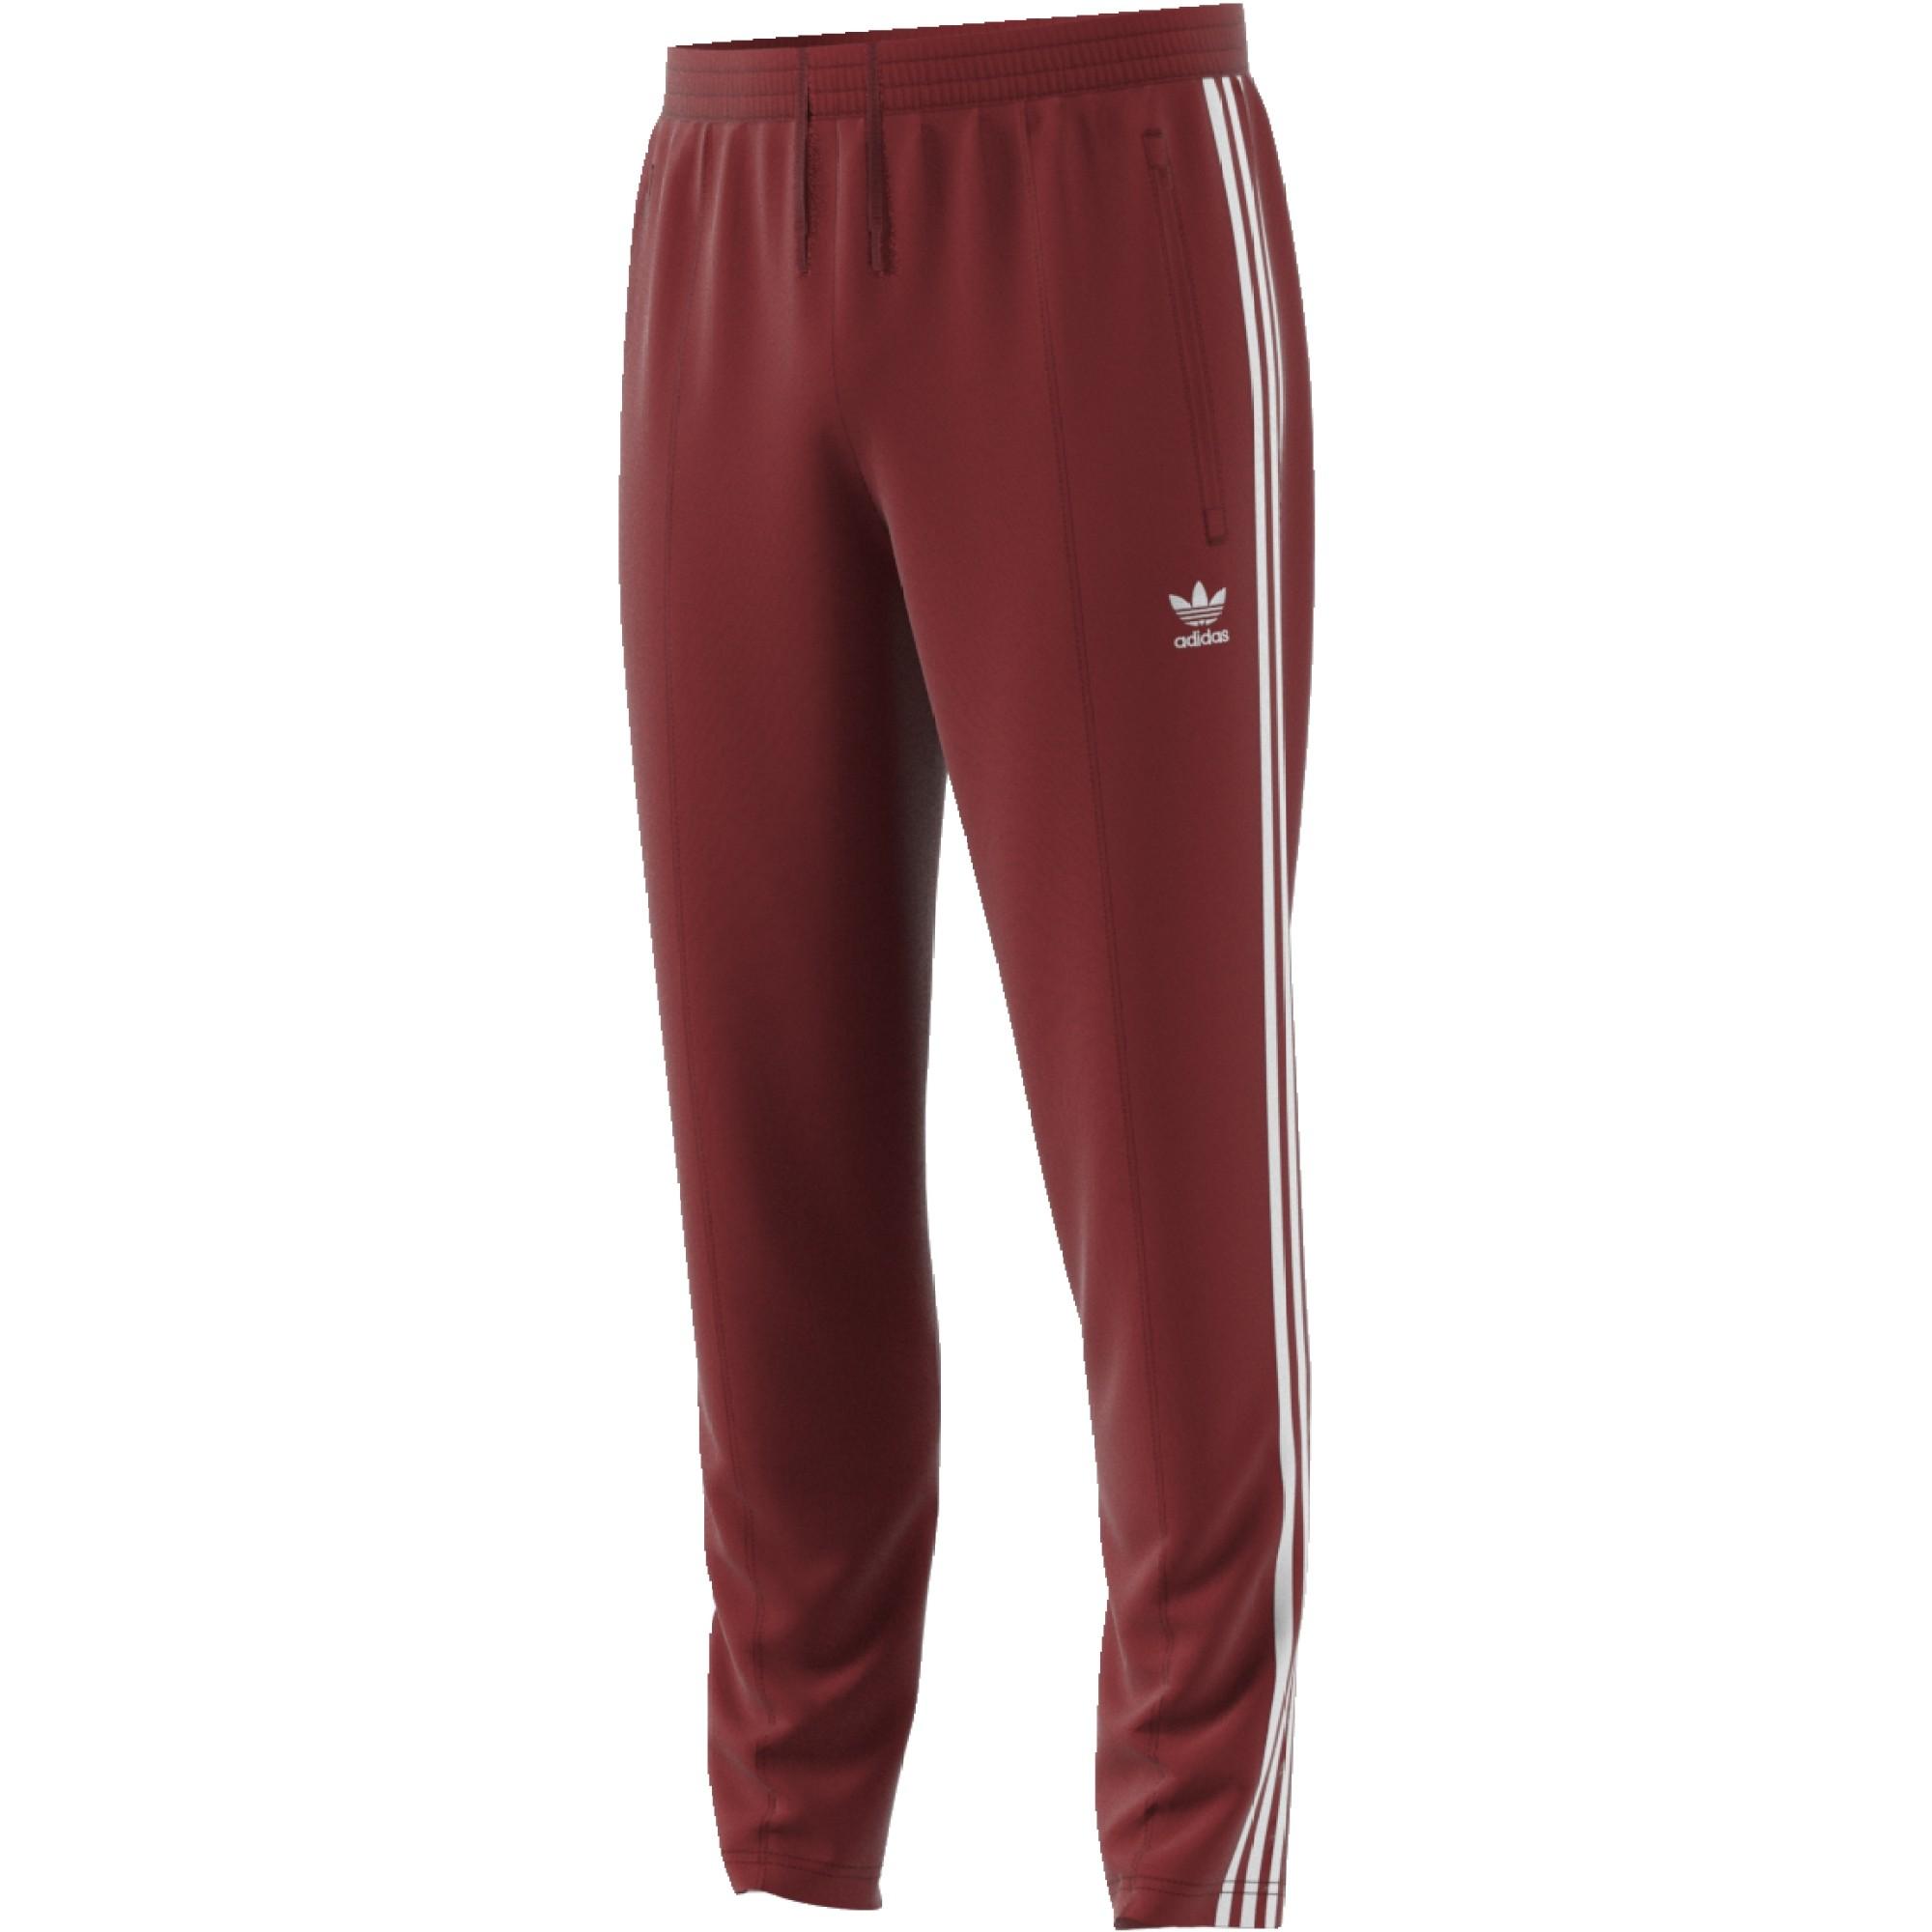 Adidas Moya Rojo Deportes Hombre Tp Beckenbauer Pantalón 8xvnS6S